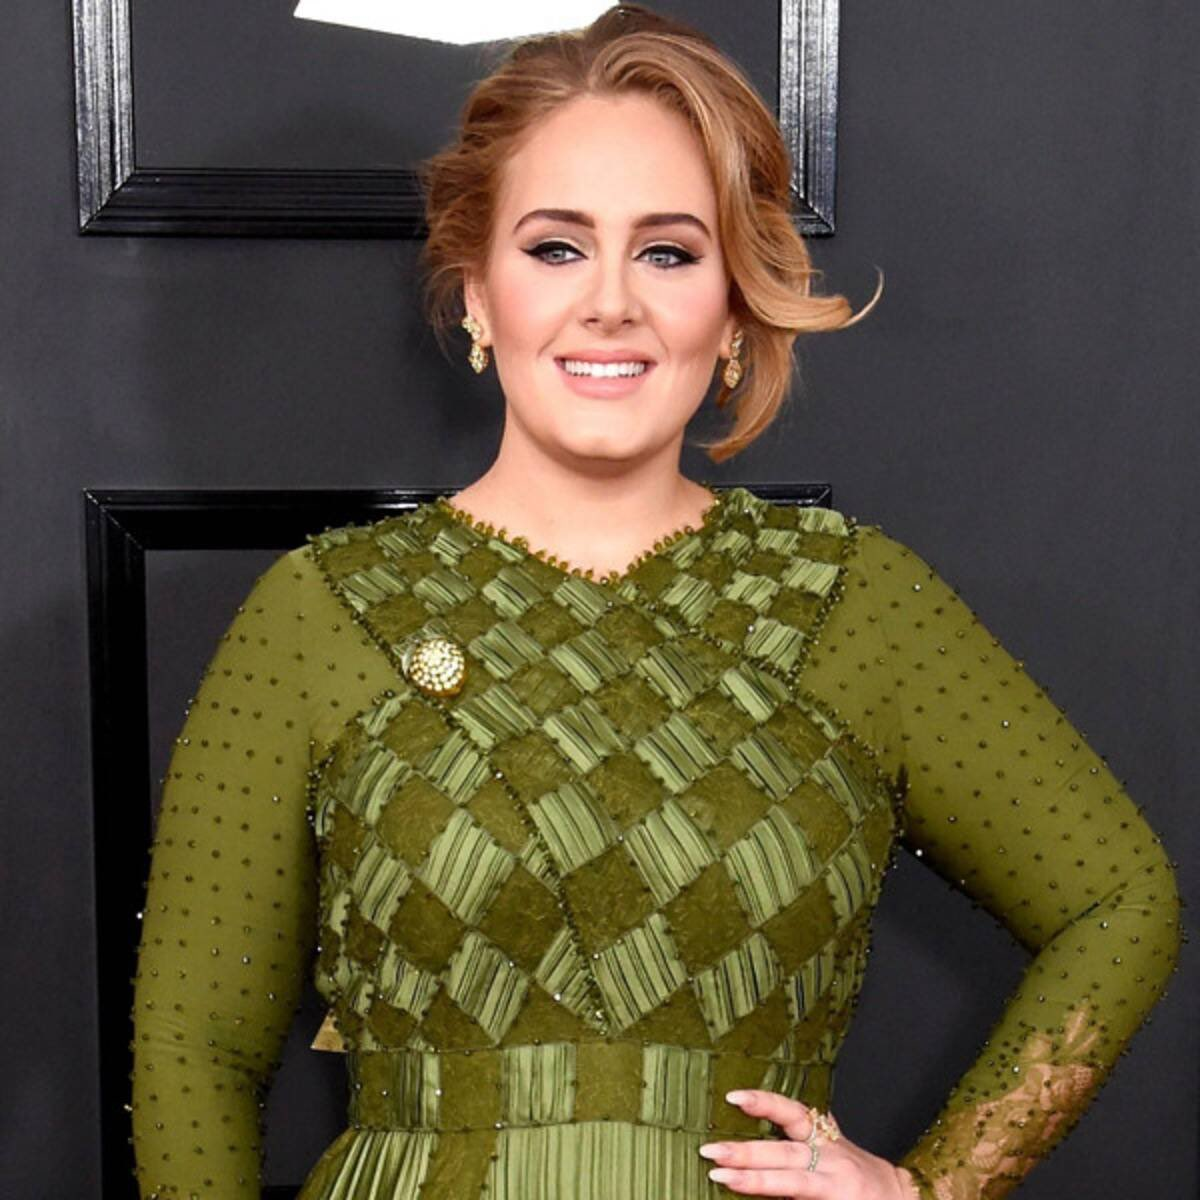 Happy Birthday to Queen Adele!